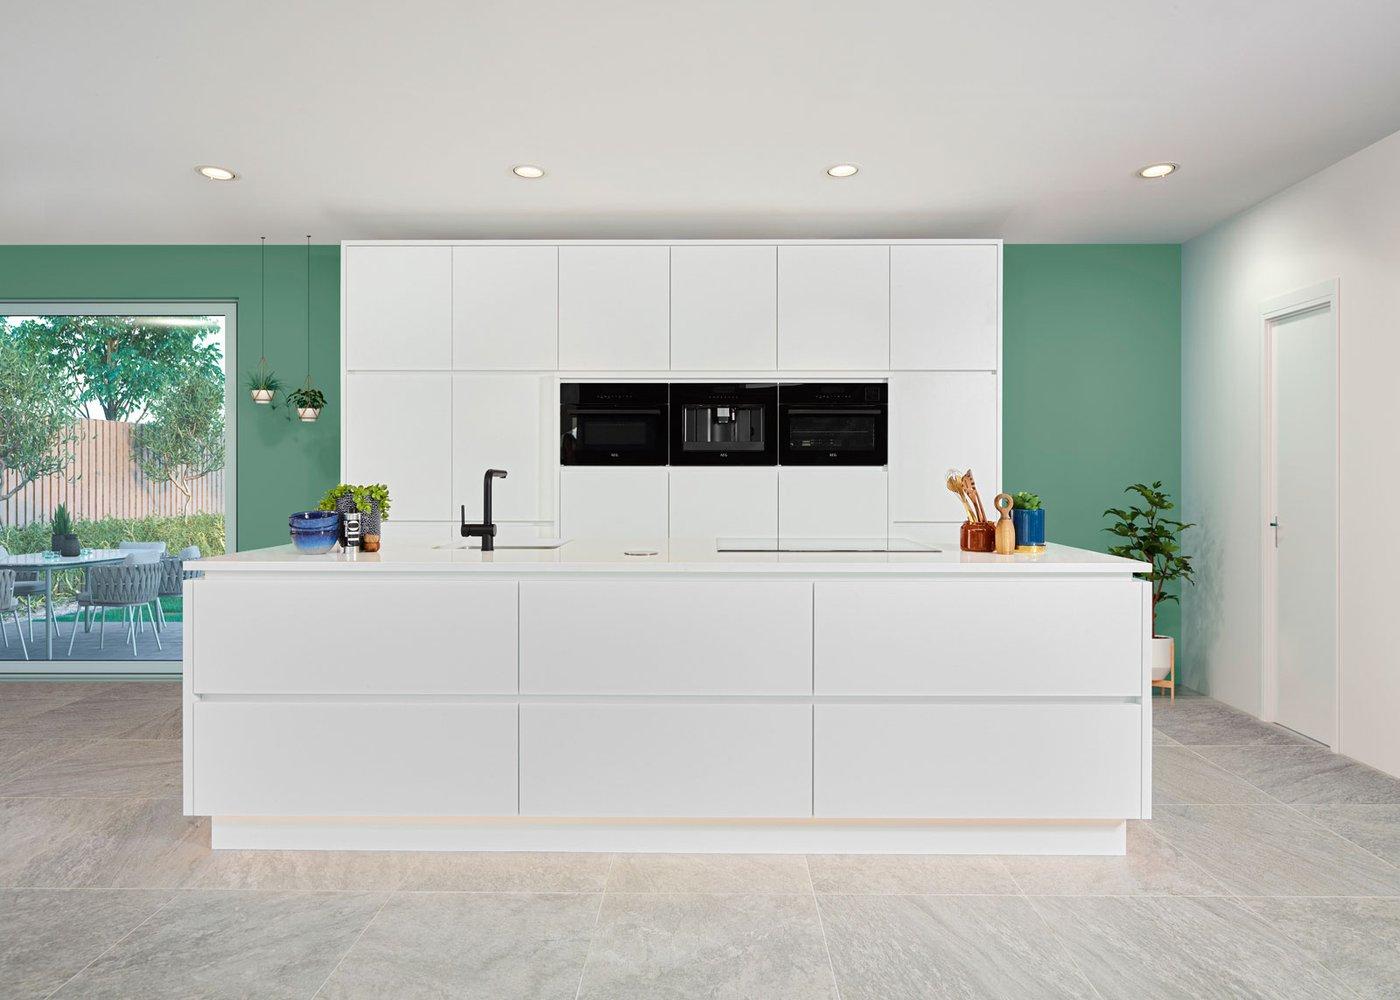 Cuisine blanche spacieuse - Modèle Design